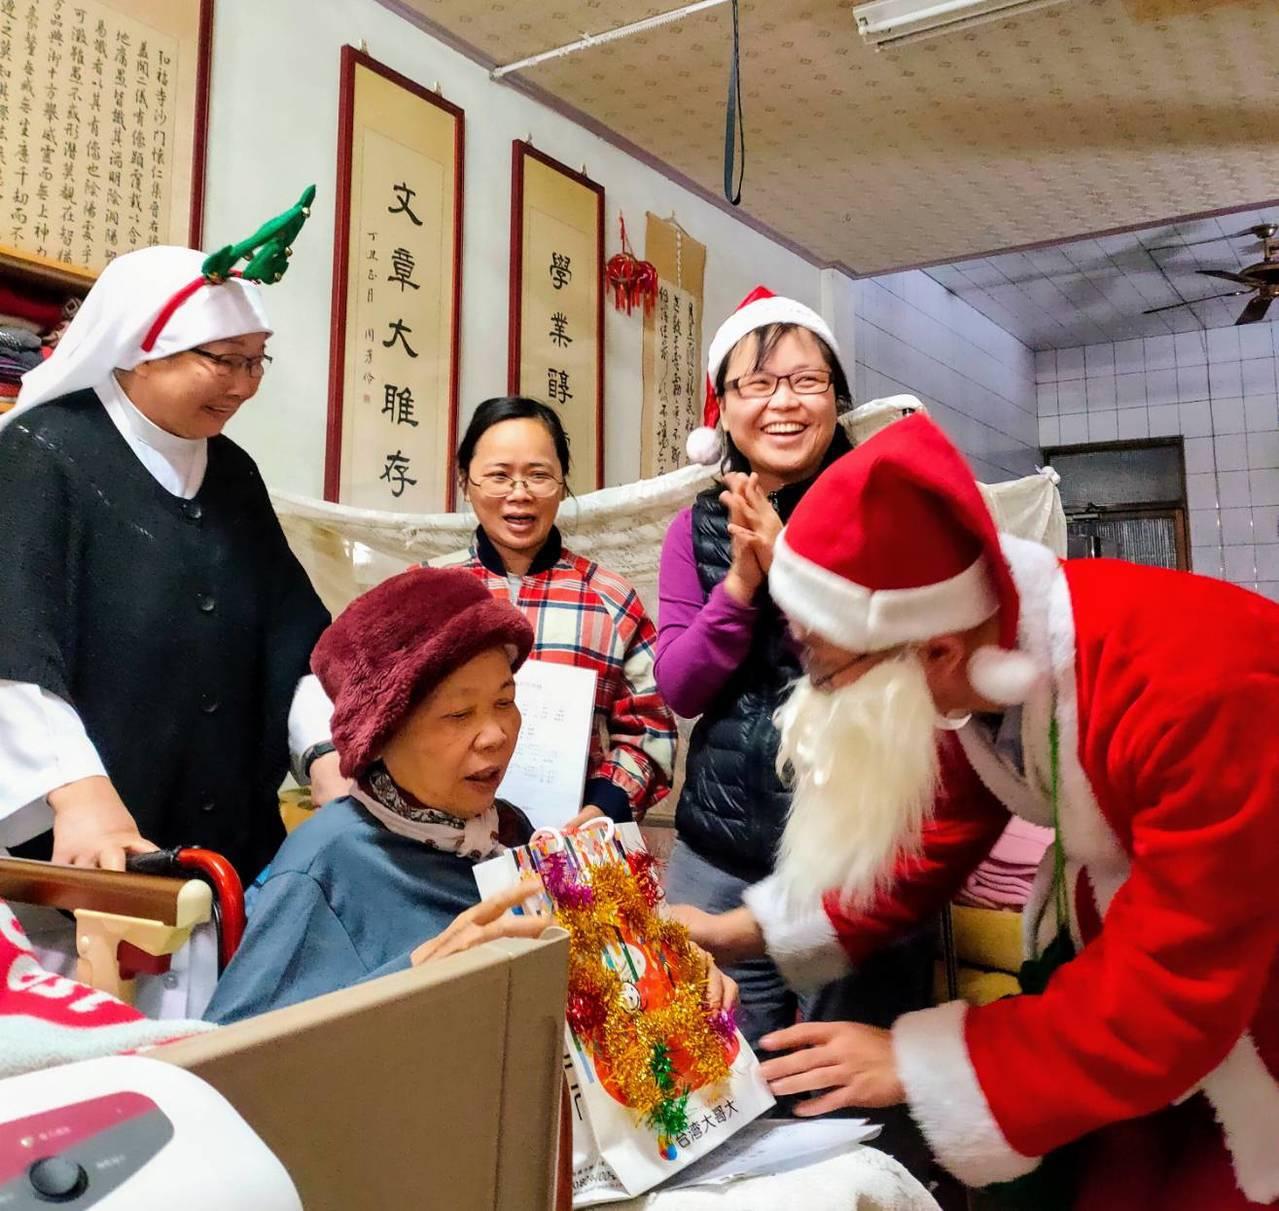 聖保祿醫院居家護理所每年12月聖誕節前,舉辦關懷長期臥床病患,與居家護理照顧者的...